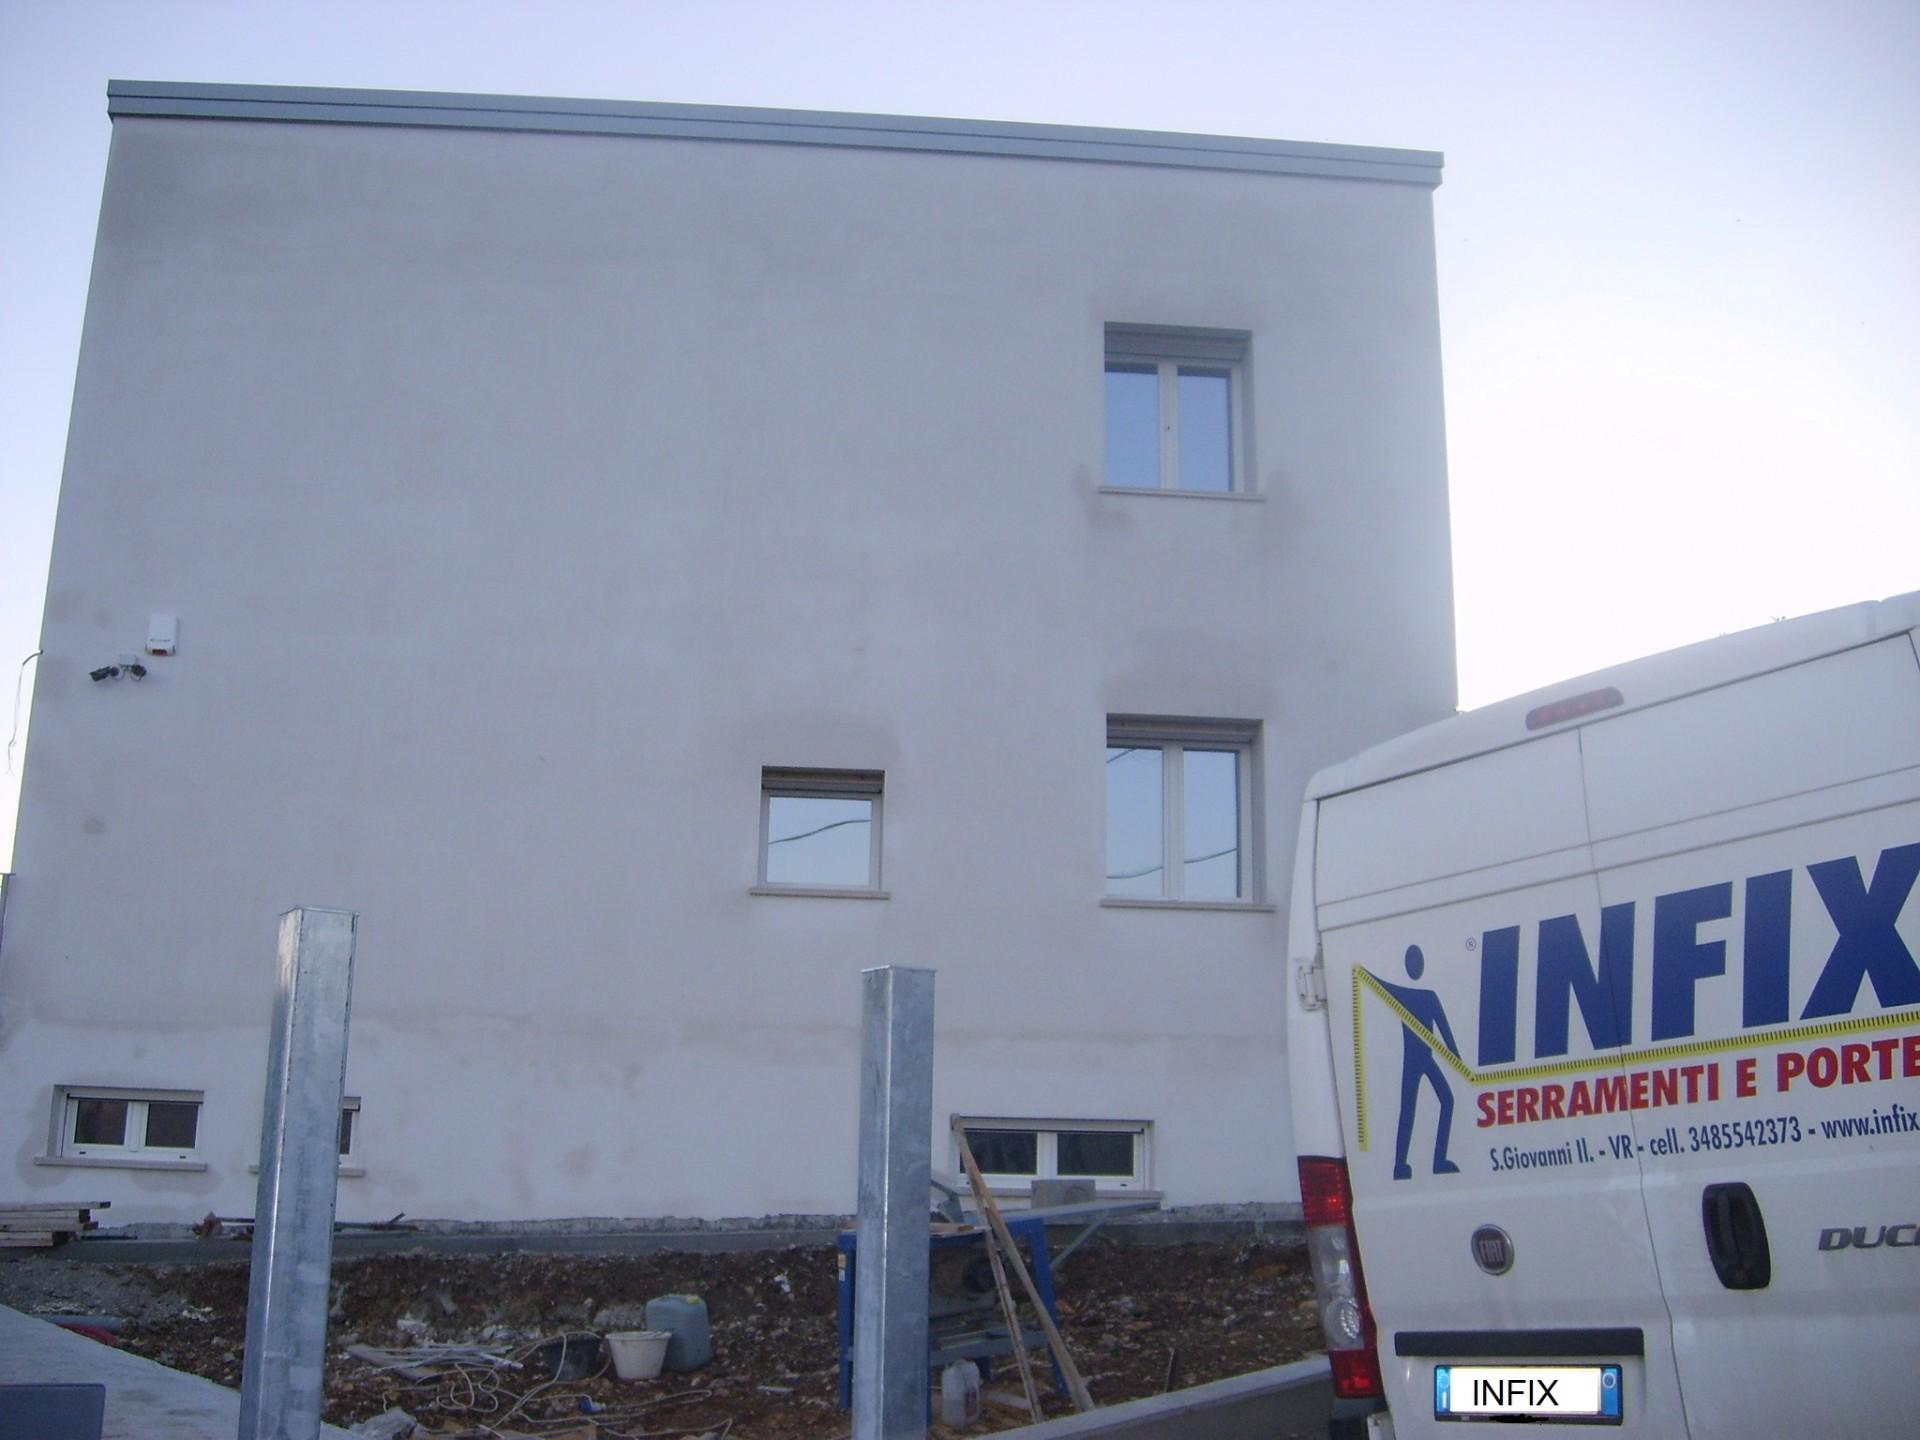 Installazione serramenti in legno alluminio rovere bianco for Infix serramenti e porte